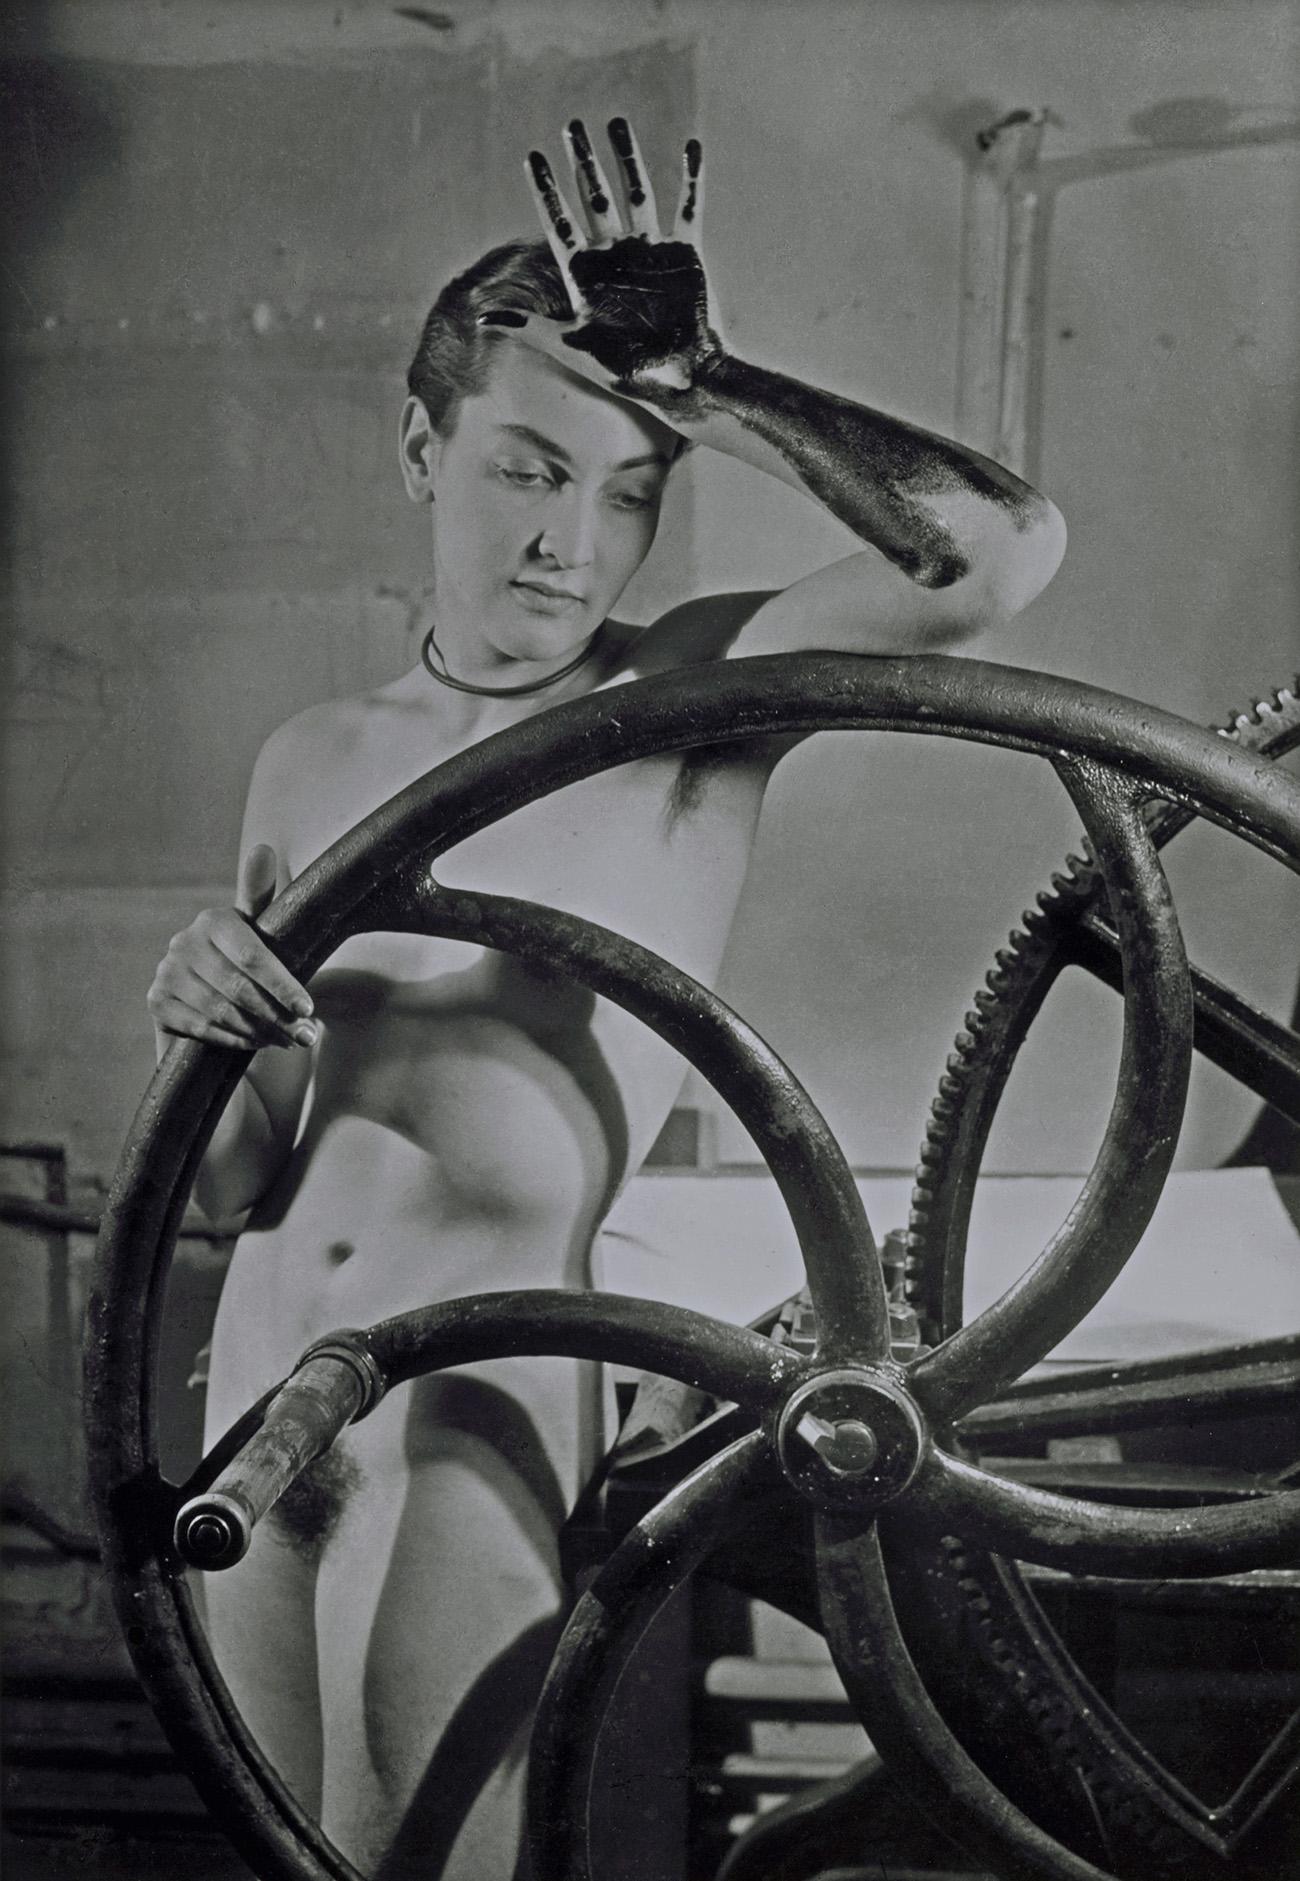 Man Ray, Erotique voilée, Meret Oppenheim à la presse chez Louis Marcoussis, 1933, Fotografie, neuer Abzug 1980, 40.4 x 30.5 cm, Fondazione Marconi, Mailand